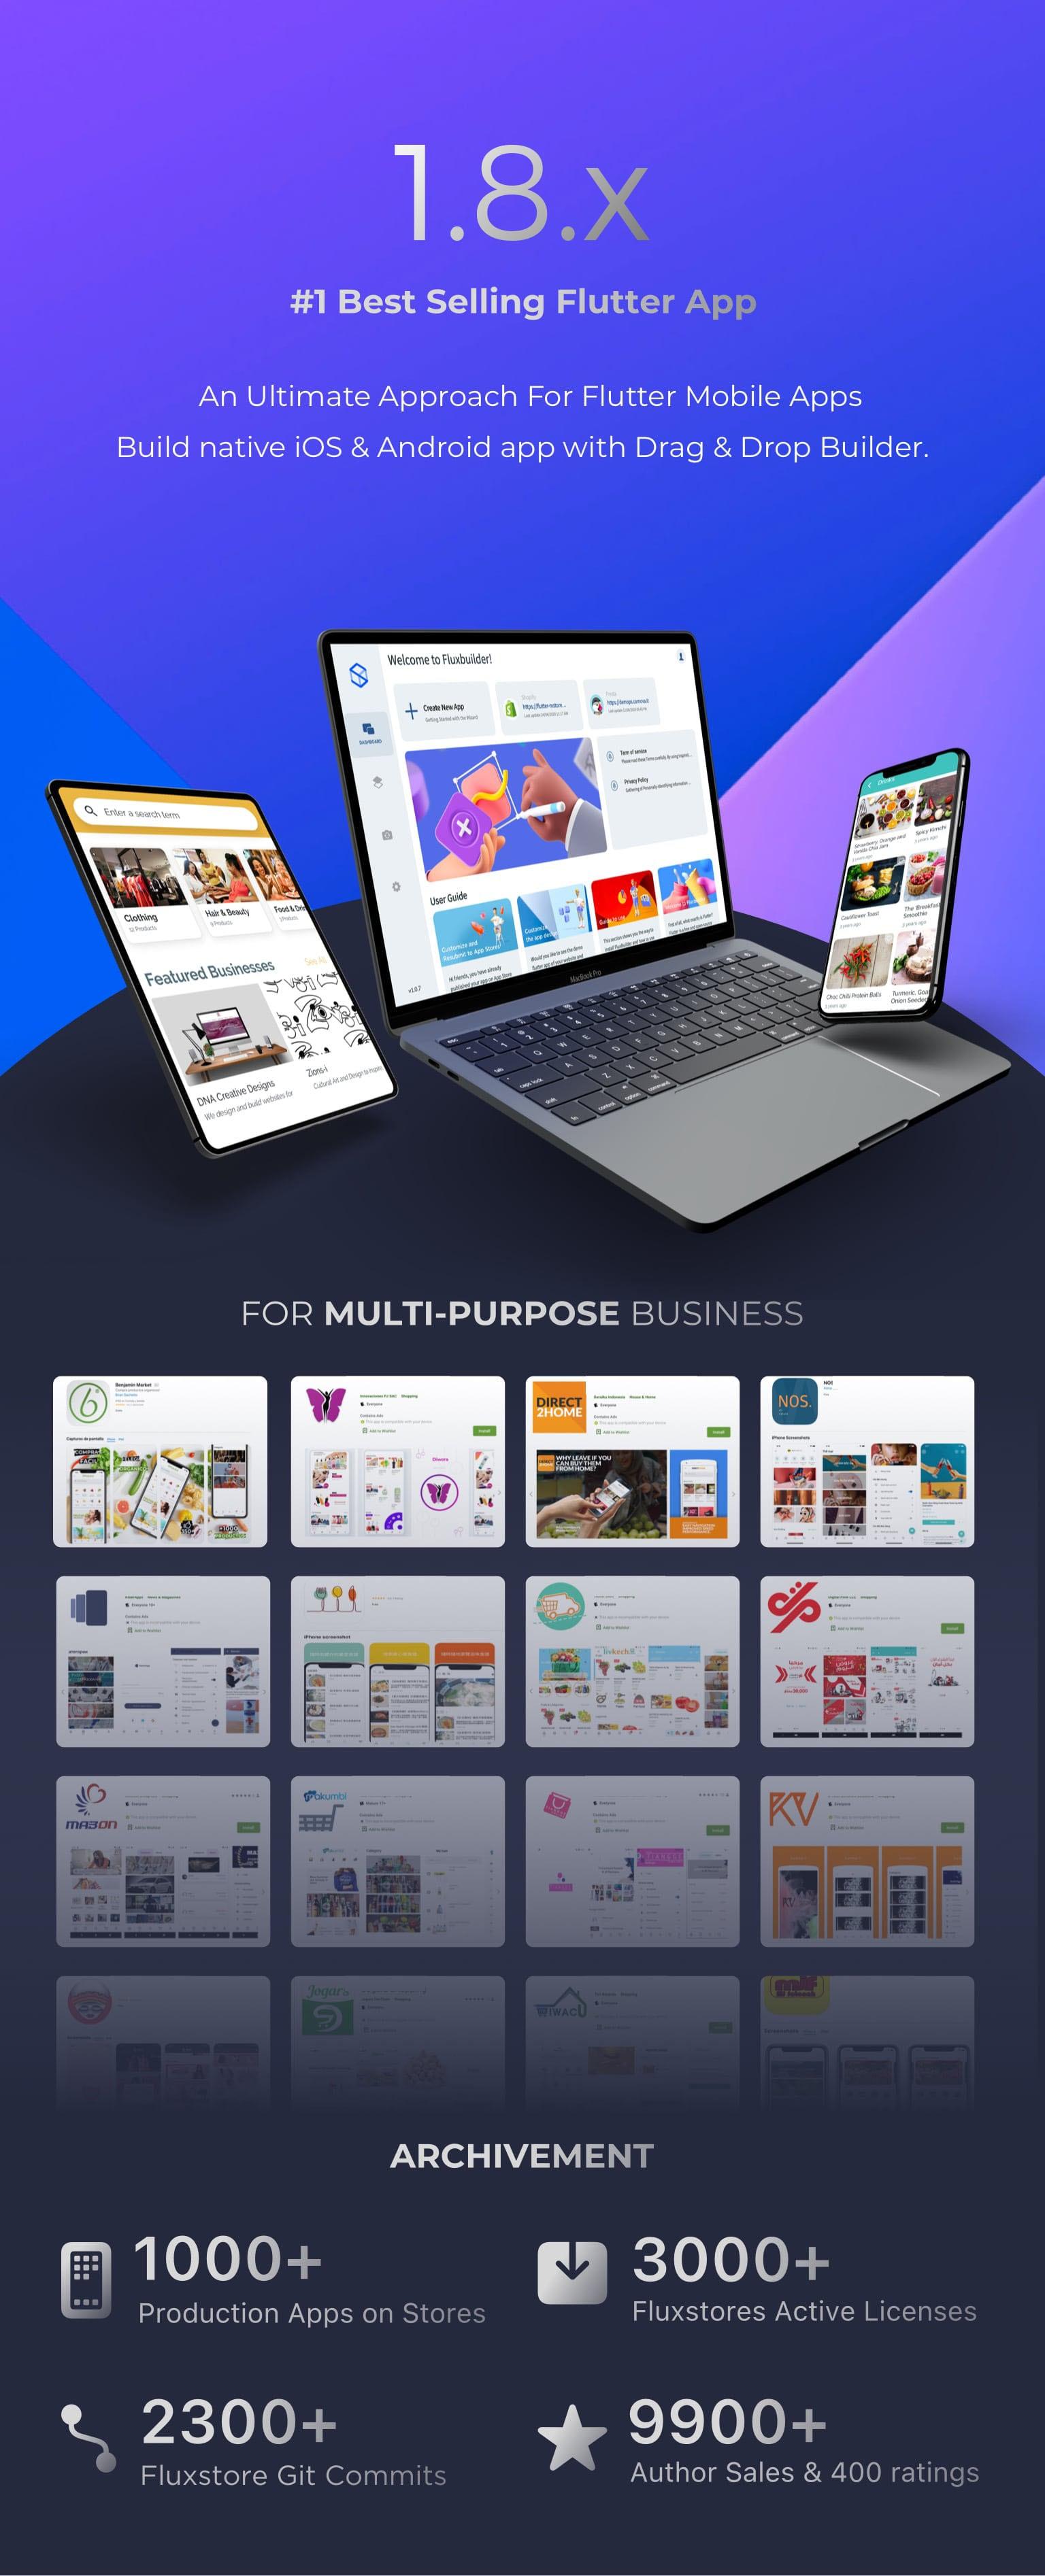 68747470733a2f2f7472656c6c6f2d6174746163686d656e74732e73332e616d617a6f6e6177732e636f6d2f3564323933323564323030306566326661643336333435662f3566313034333734343337343431306439663761313130322f39623337386234333364393961343733653961373031353236396439616531622f4447443436372e6a7067 - دانلود سورس متن باز اپلیکیشن موبایل Fluxstore Multi Vendor